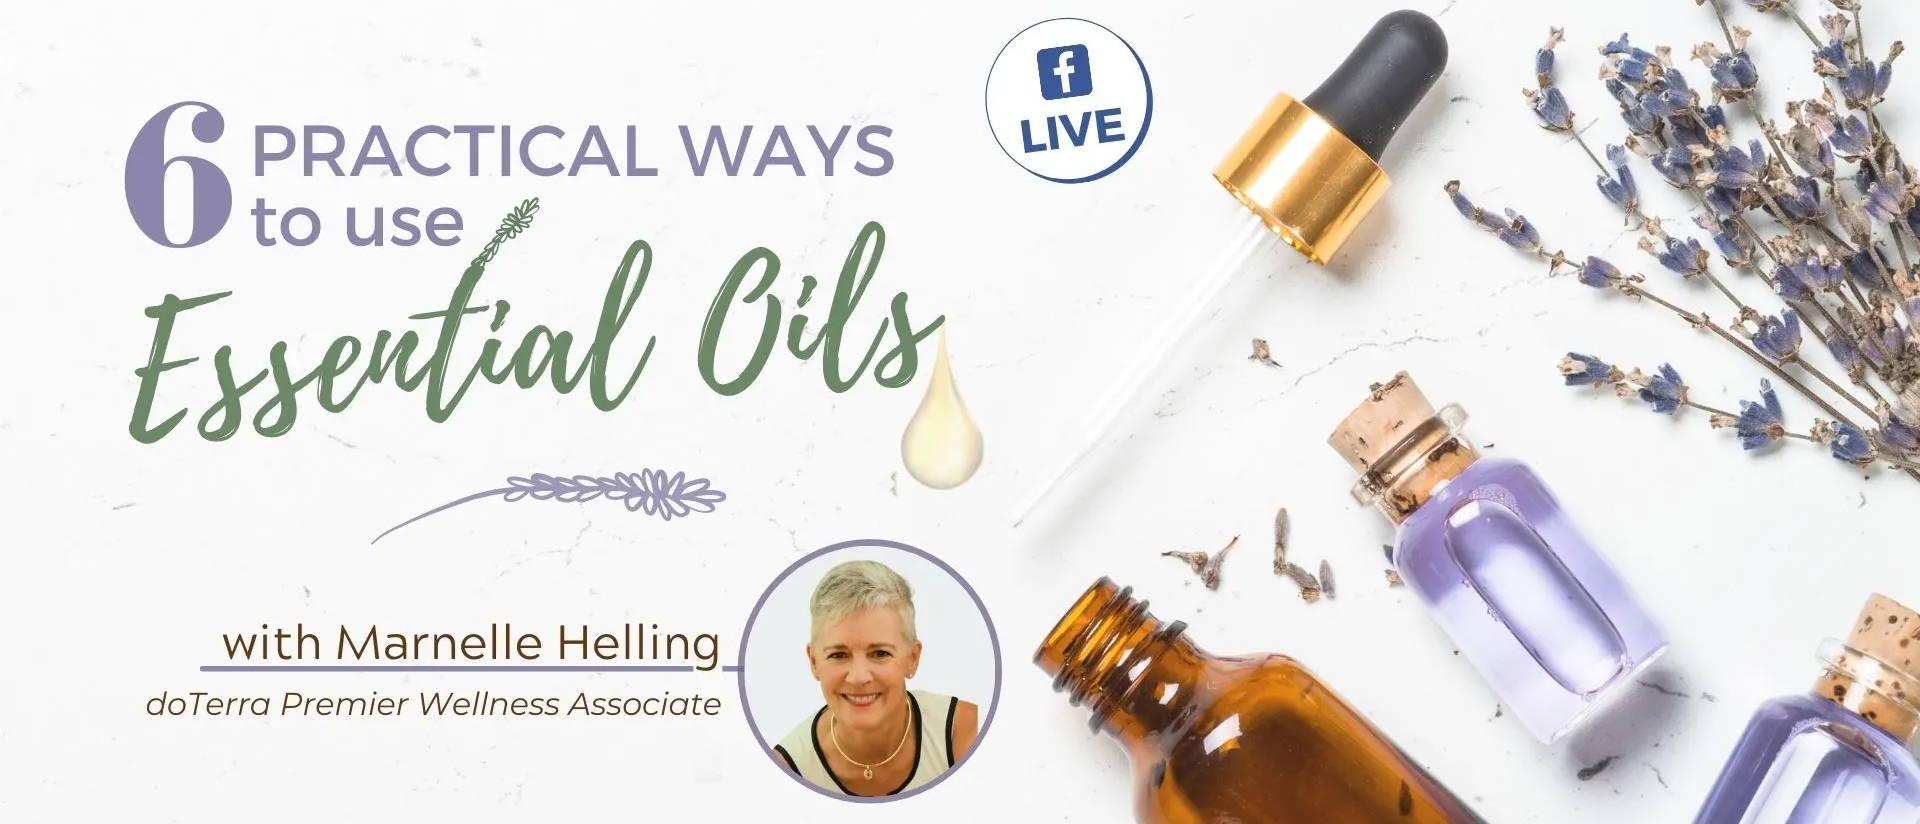 ESSENTIAL OILS FACEBOOK LIVE